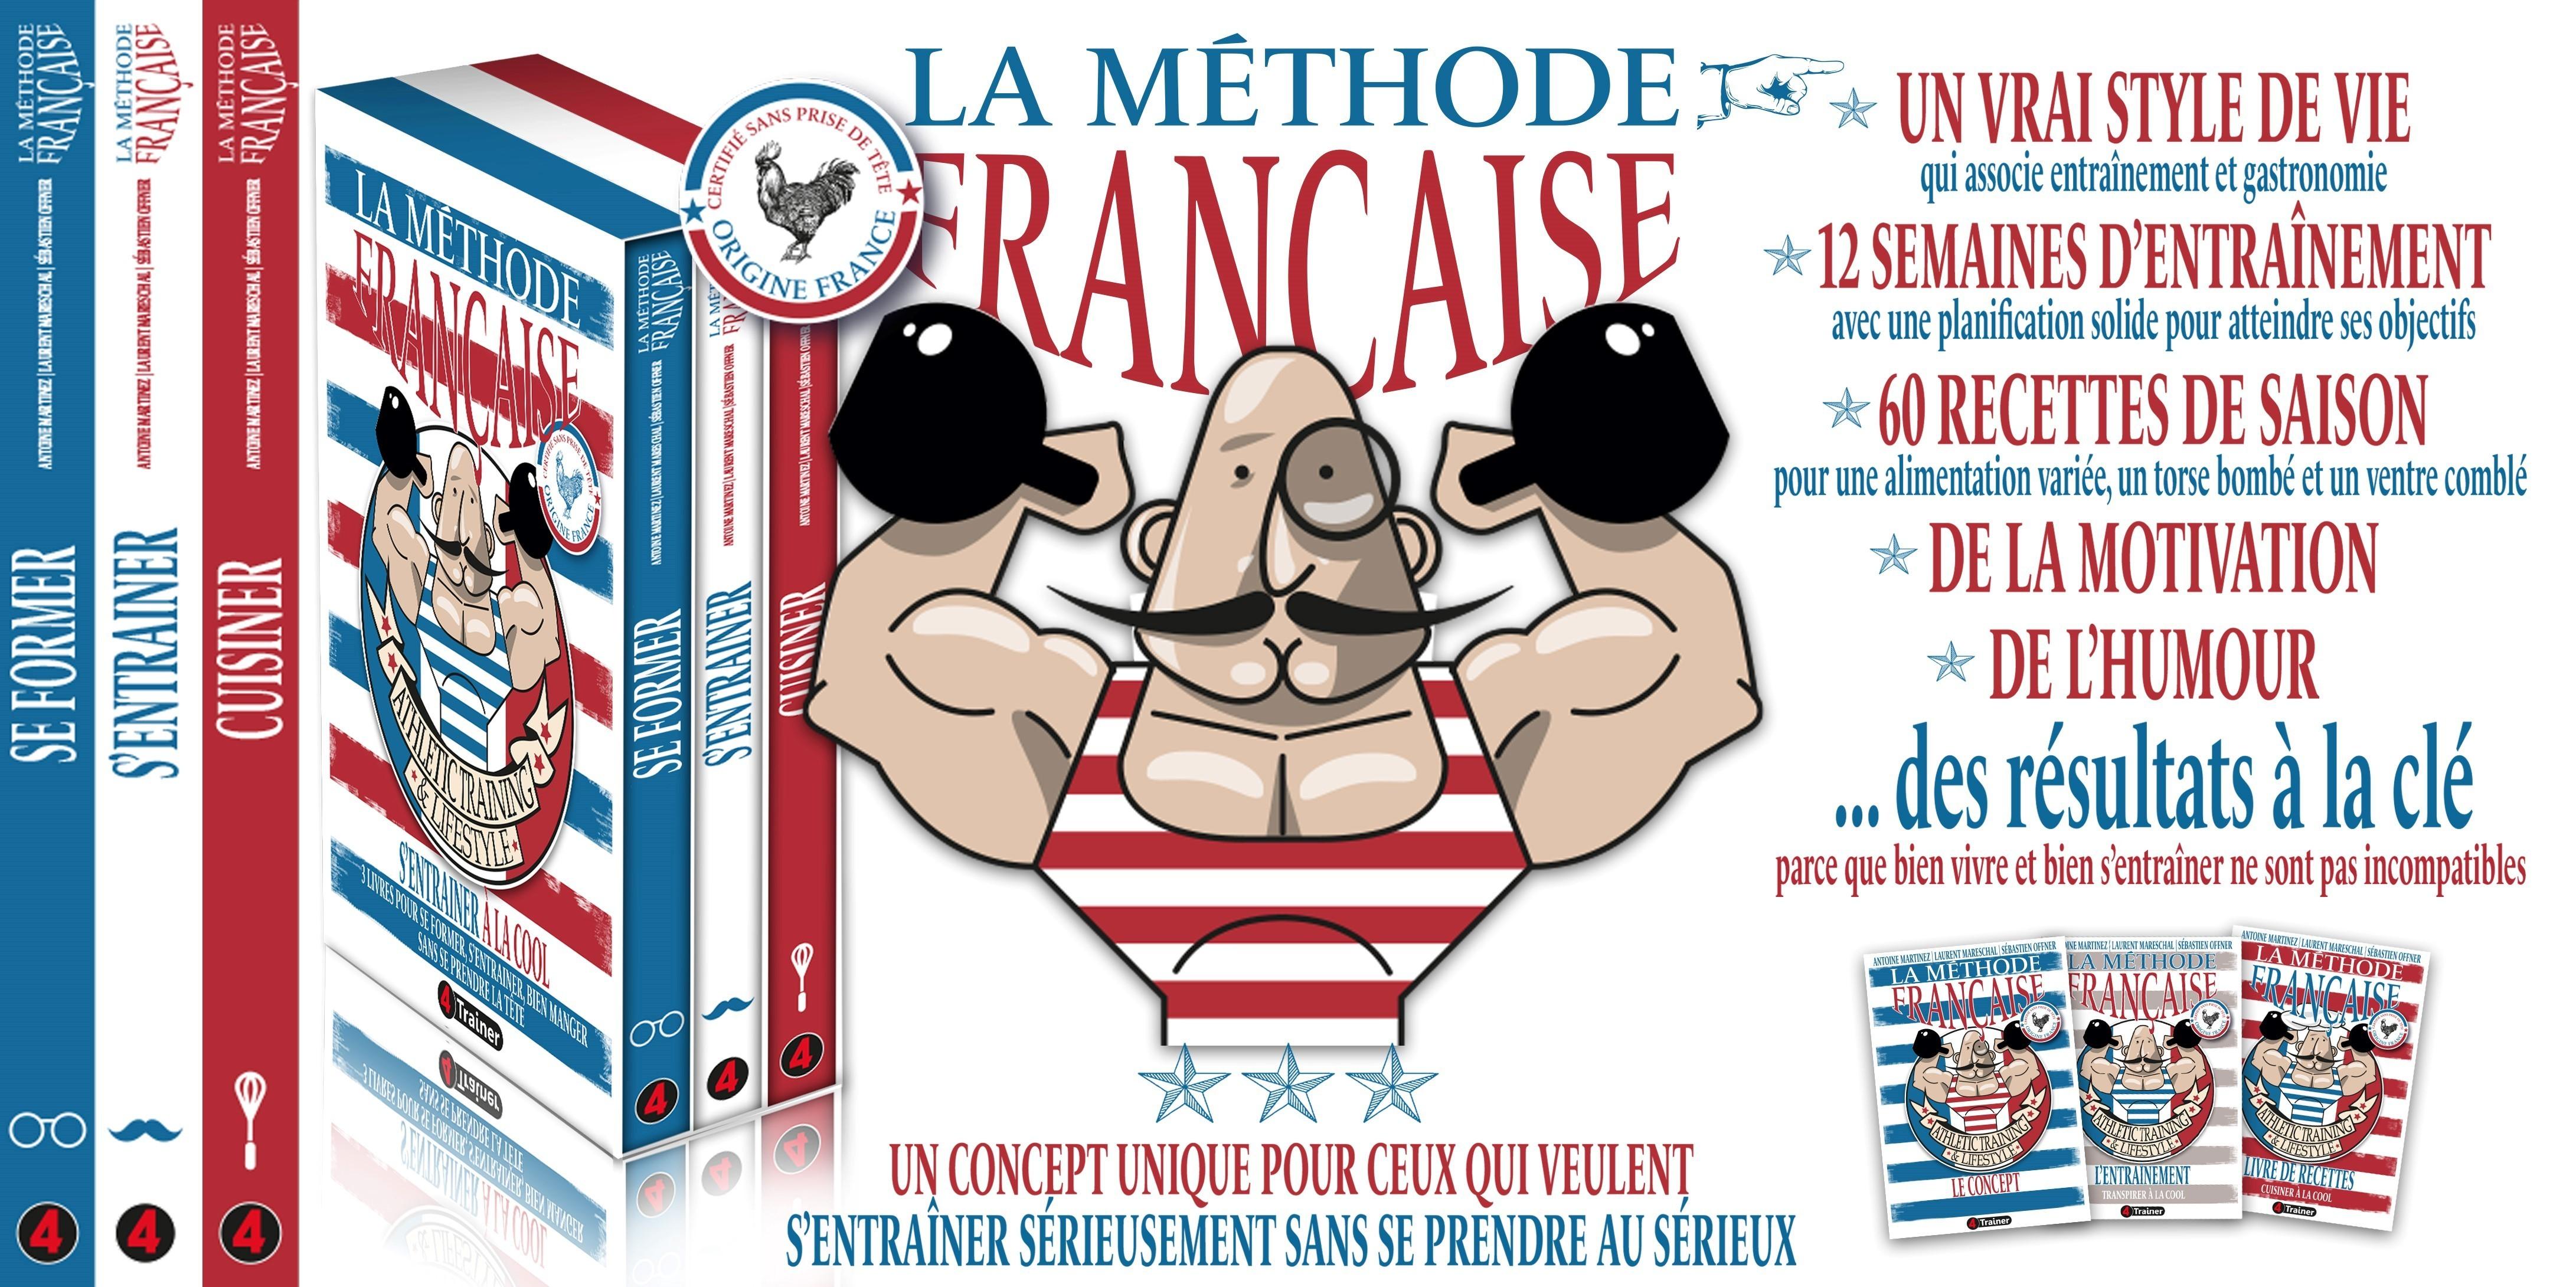 La Méthode Française - 3 Tomes / Edition Collector Opinel